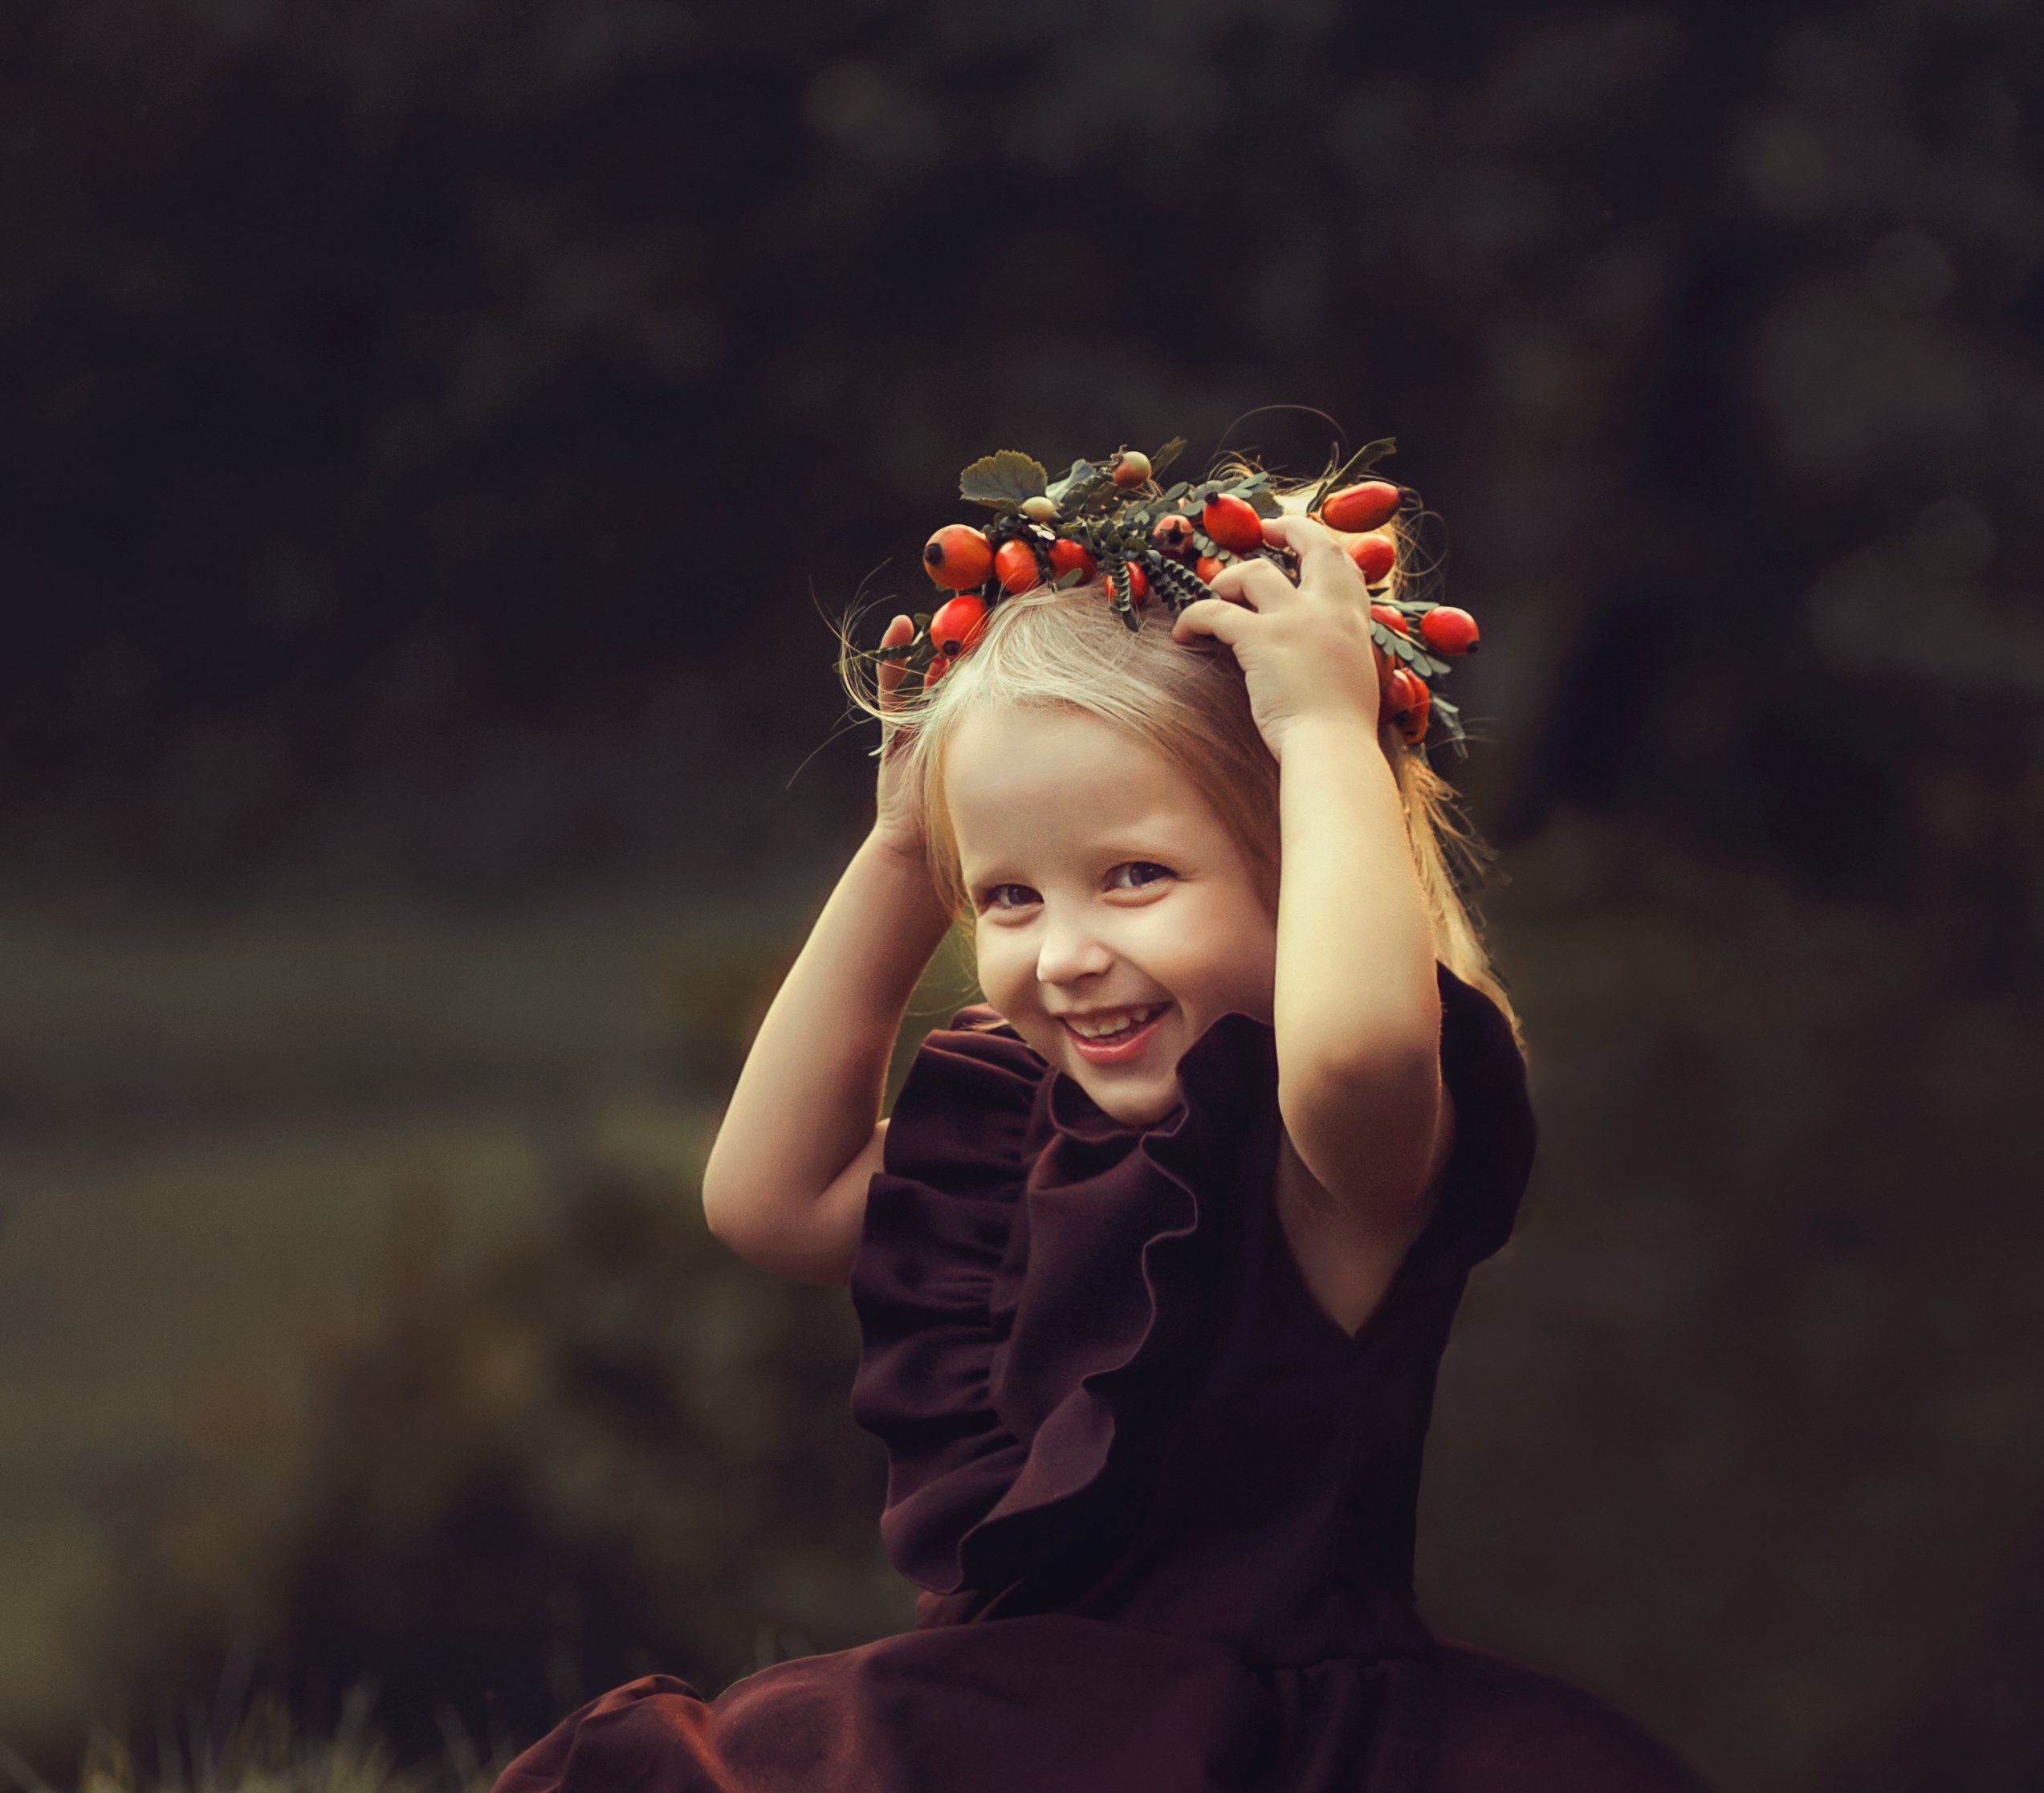 детский портрет, венок, девочка, портрет, Светлана Червинская